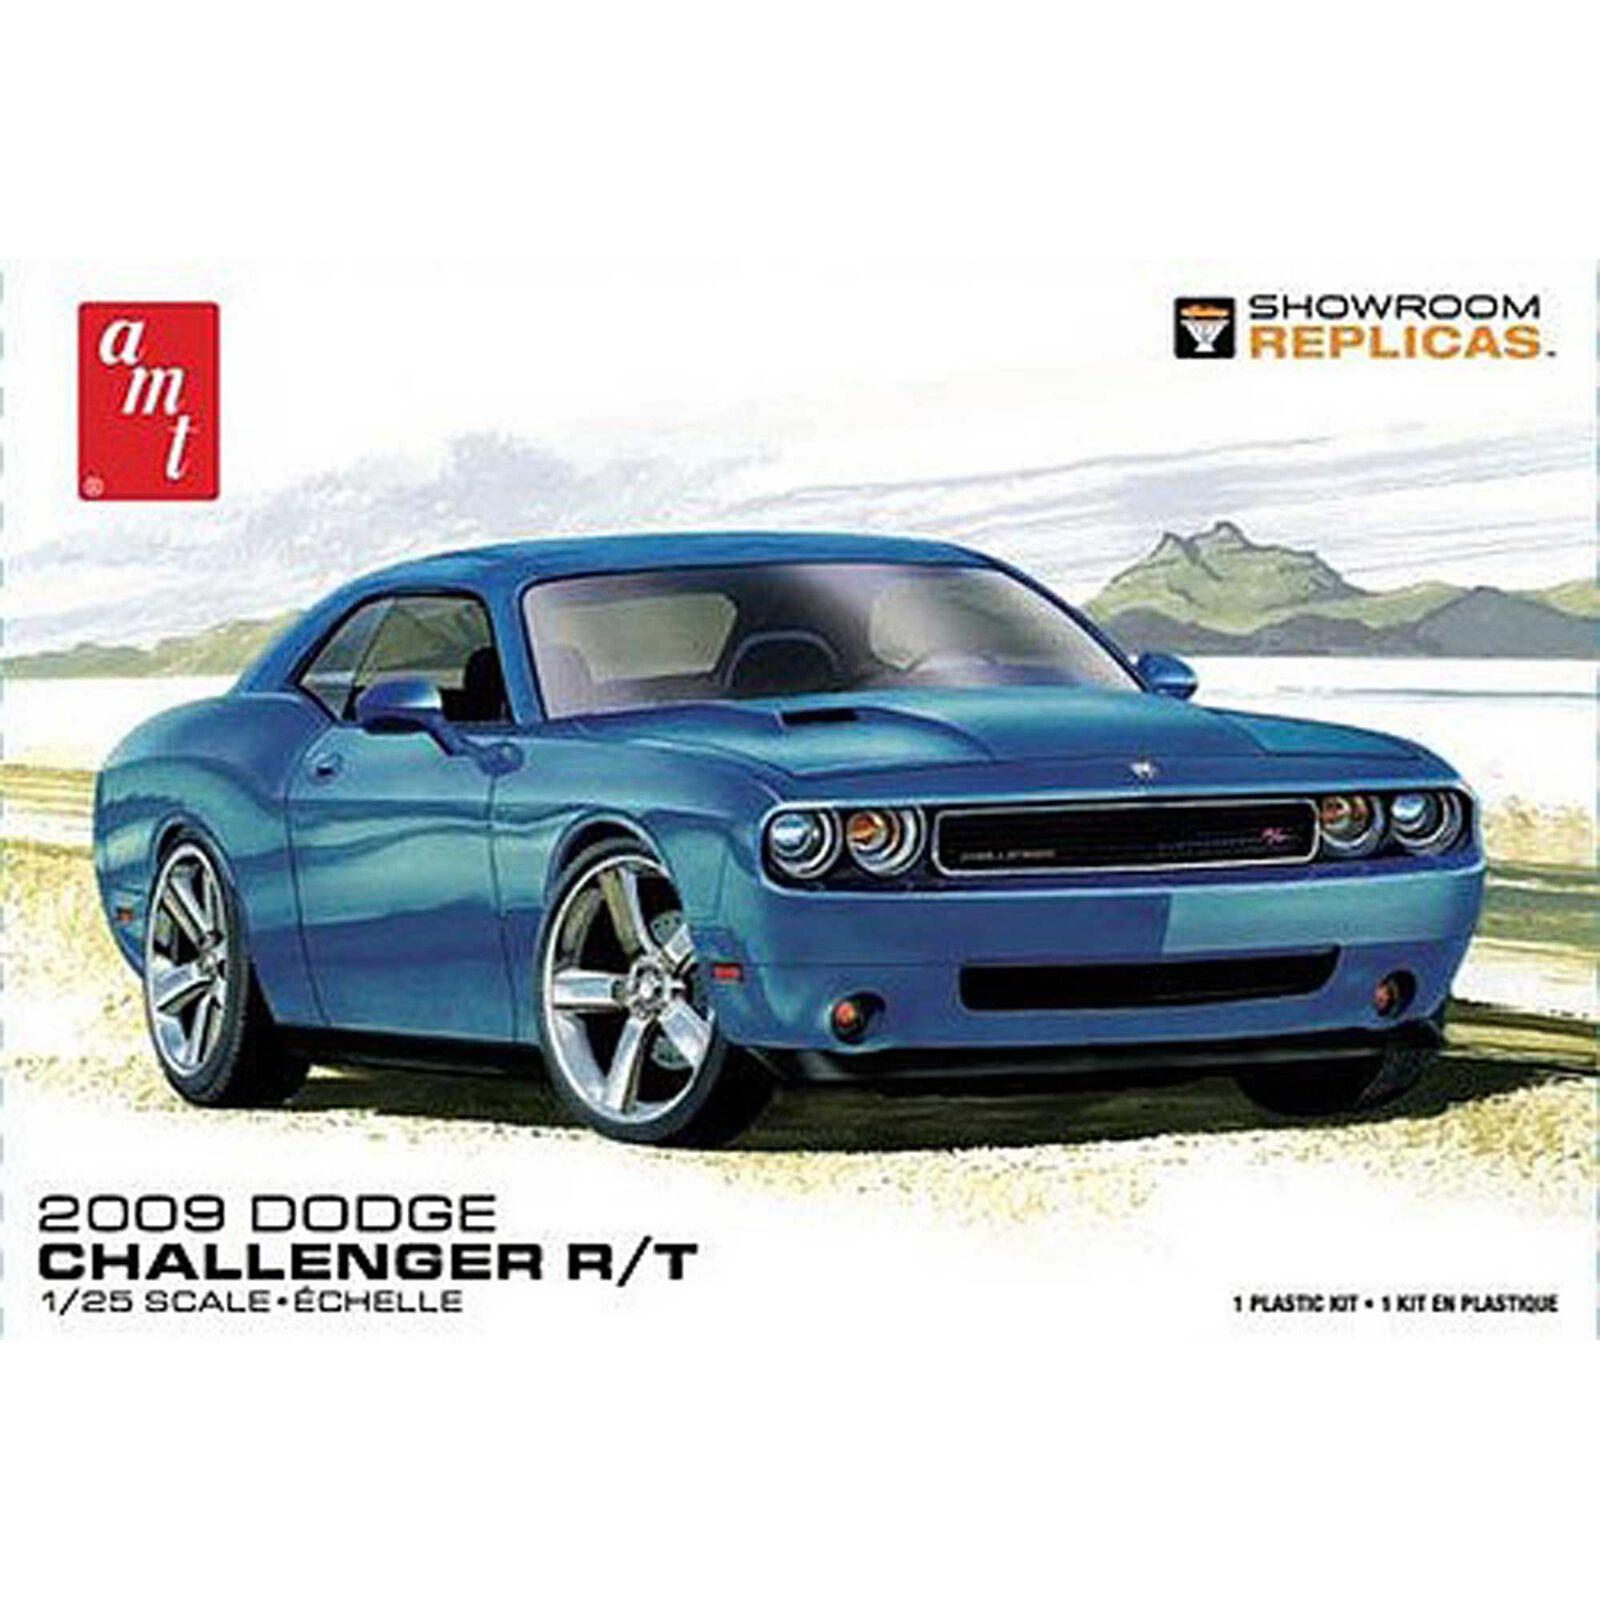 1/25, 2009 Dodge Challenger R/T, Model Kit